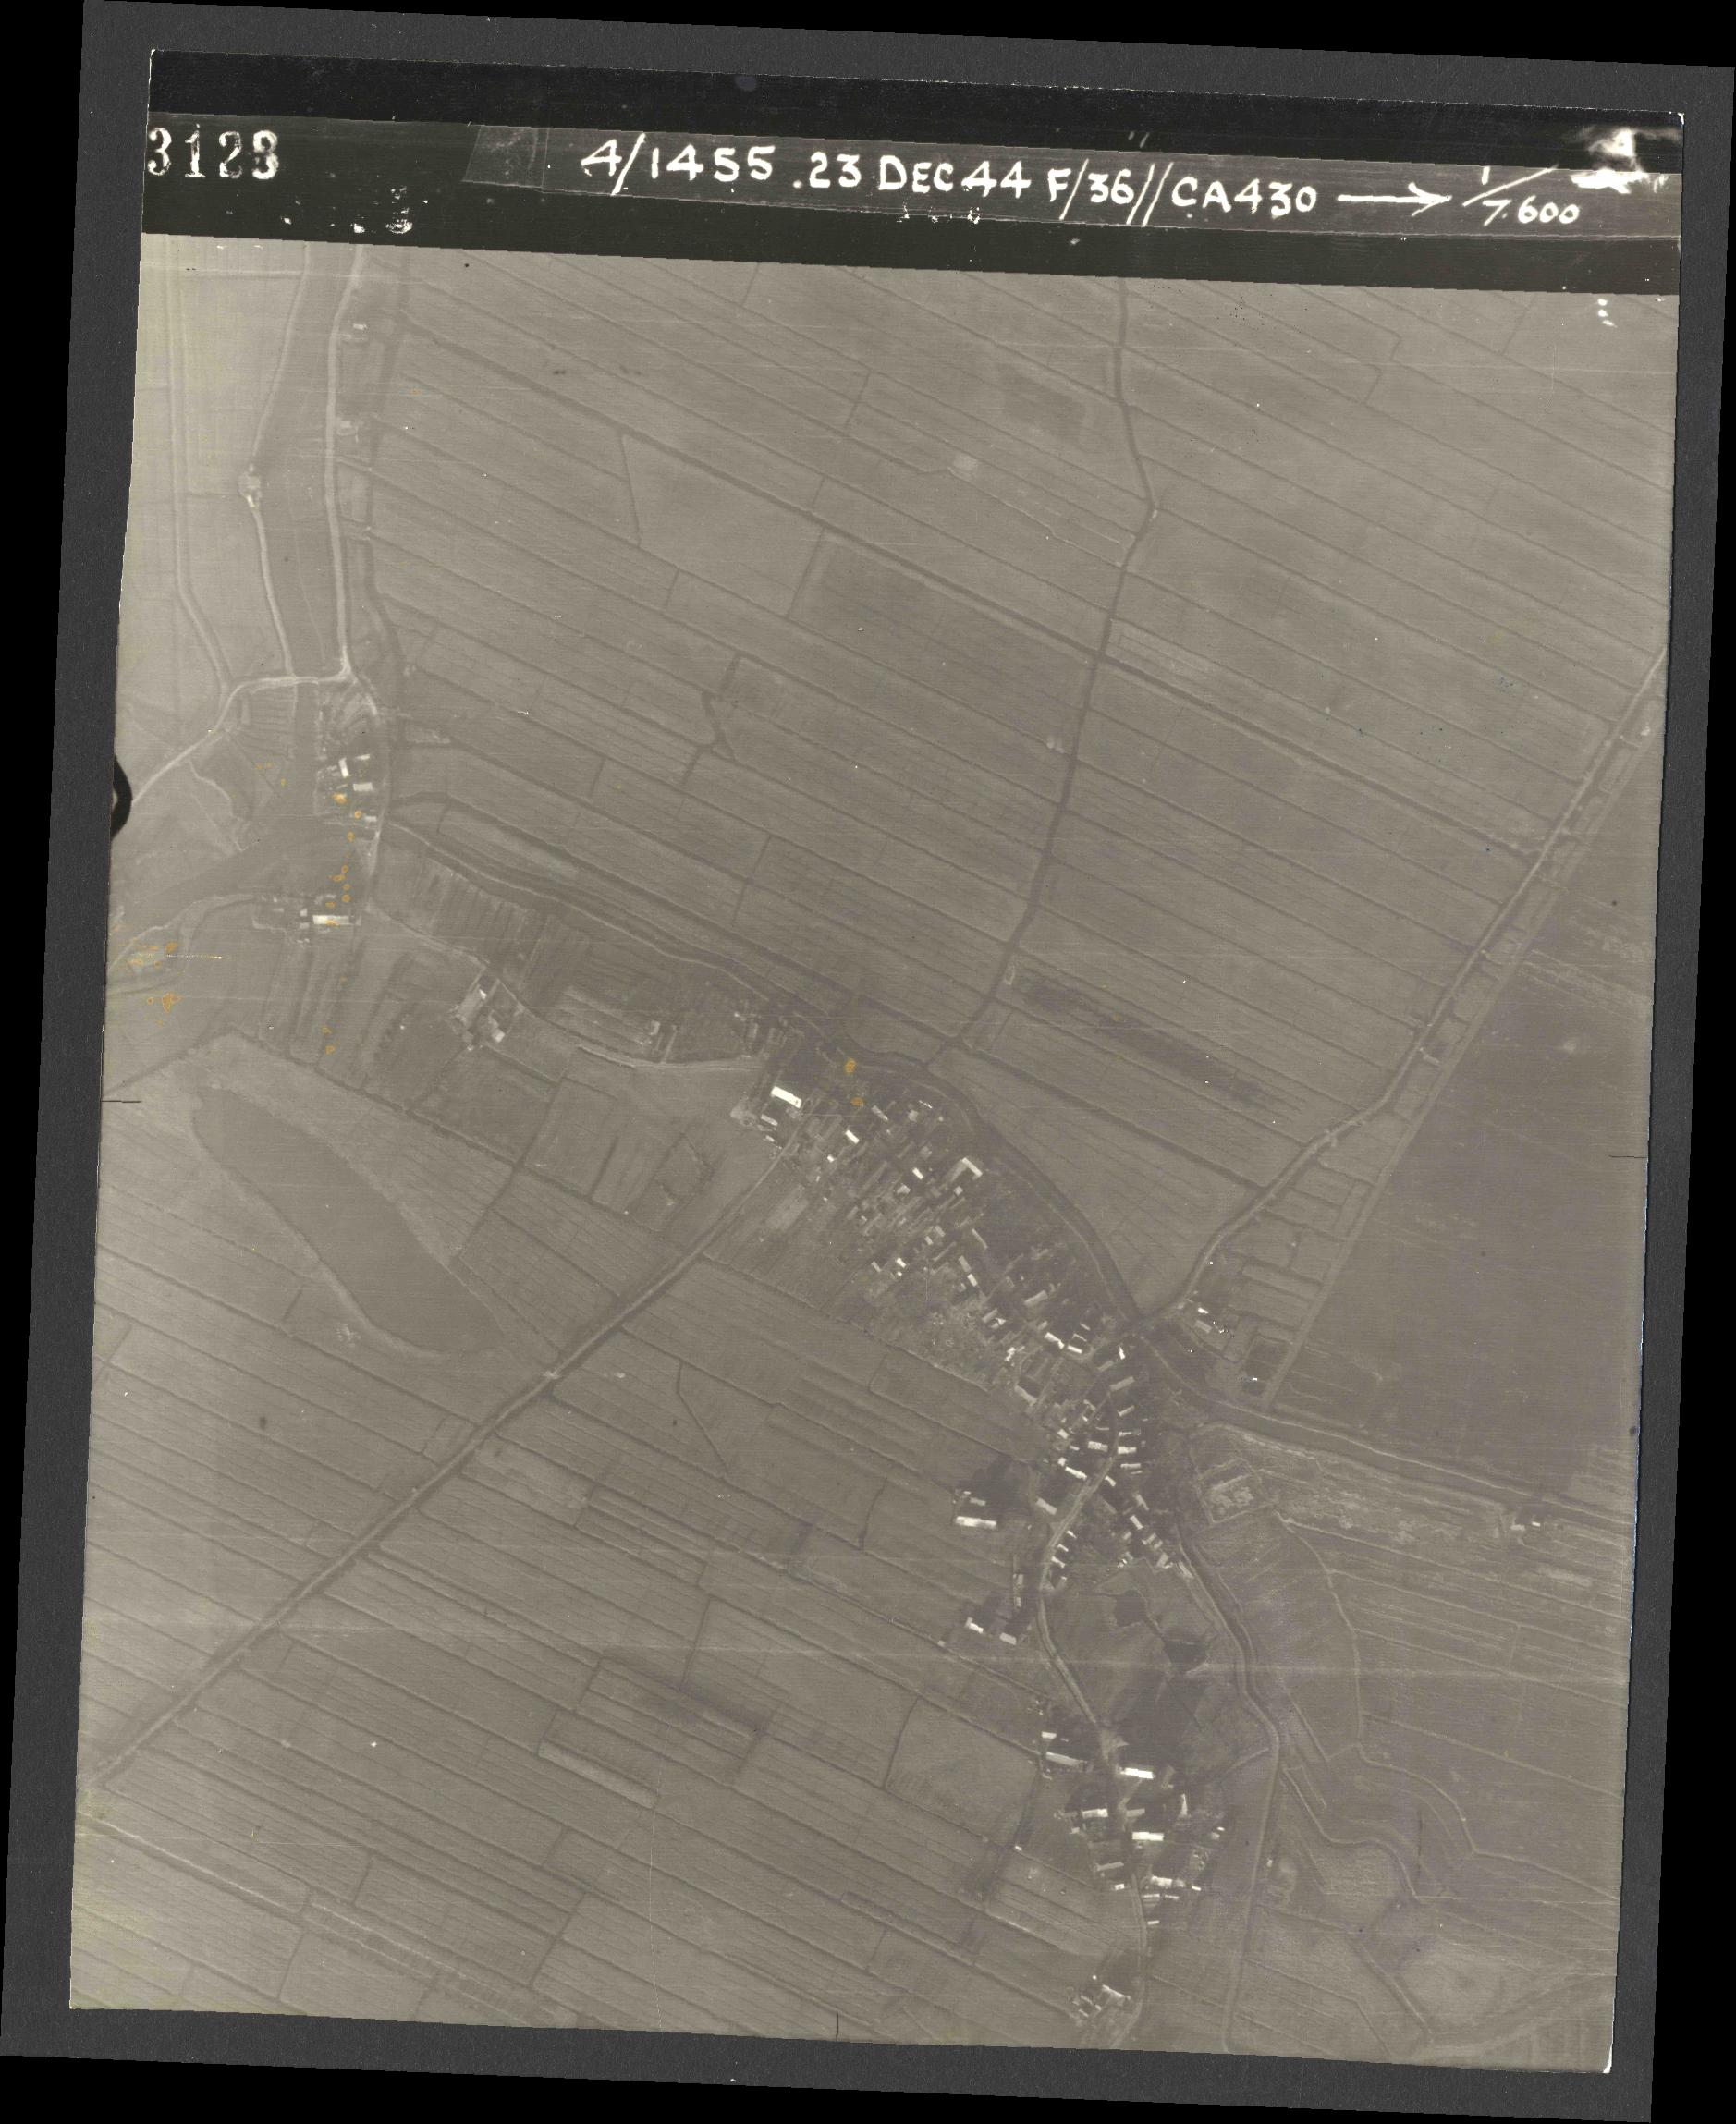 Collection RAF aerial photos 1940-1945 - flight 051, run 03, photo 3128